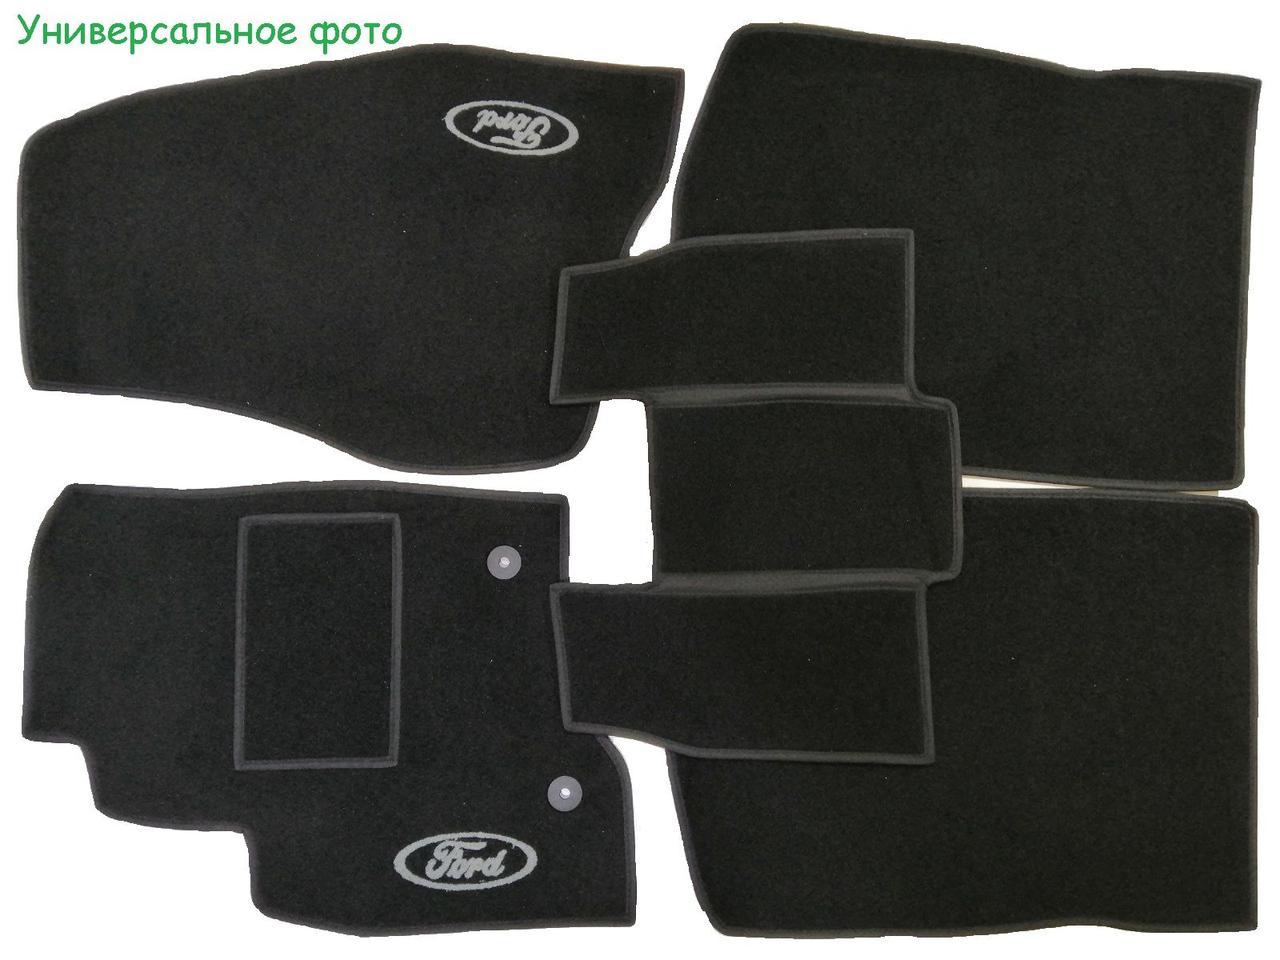 Килимки ворсові в салон на Saab 9-3'07 - чорні